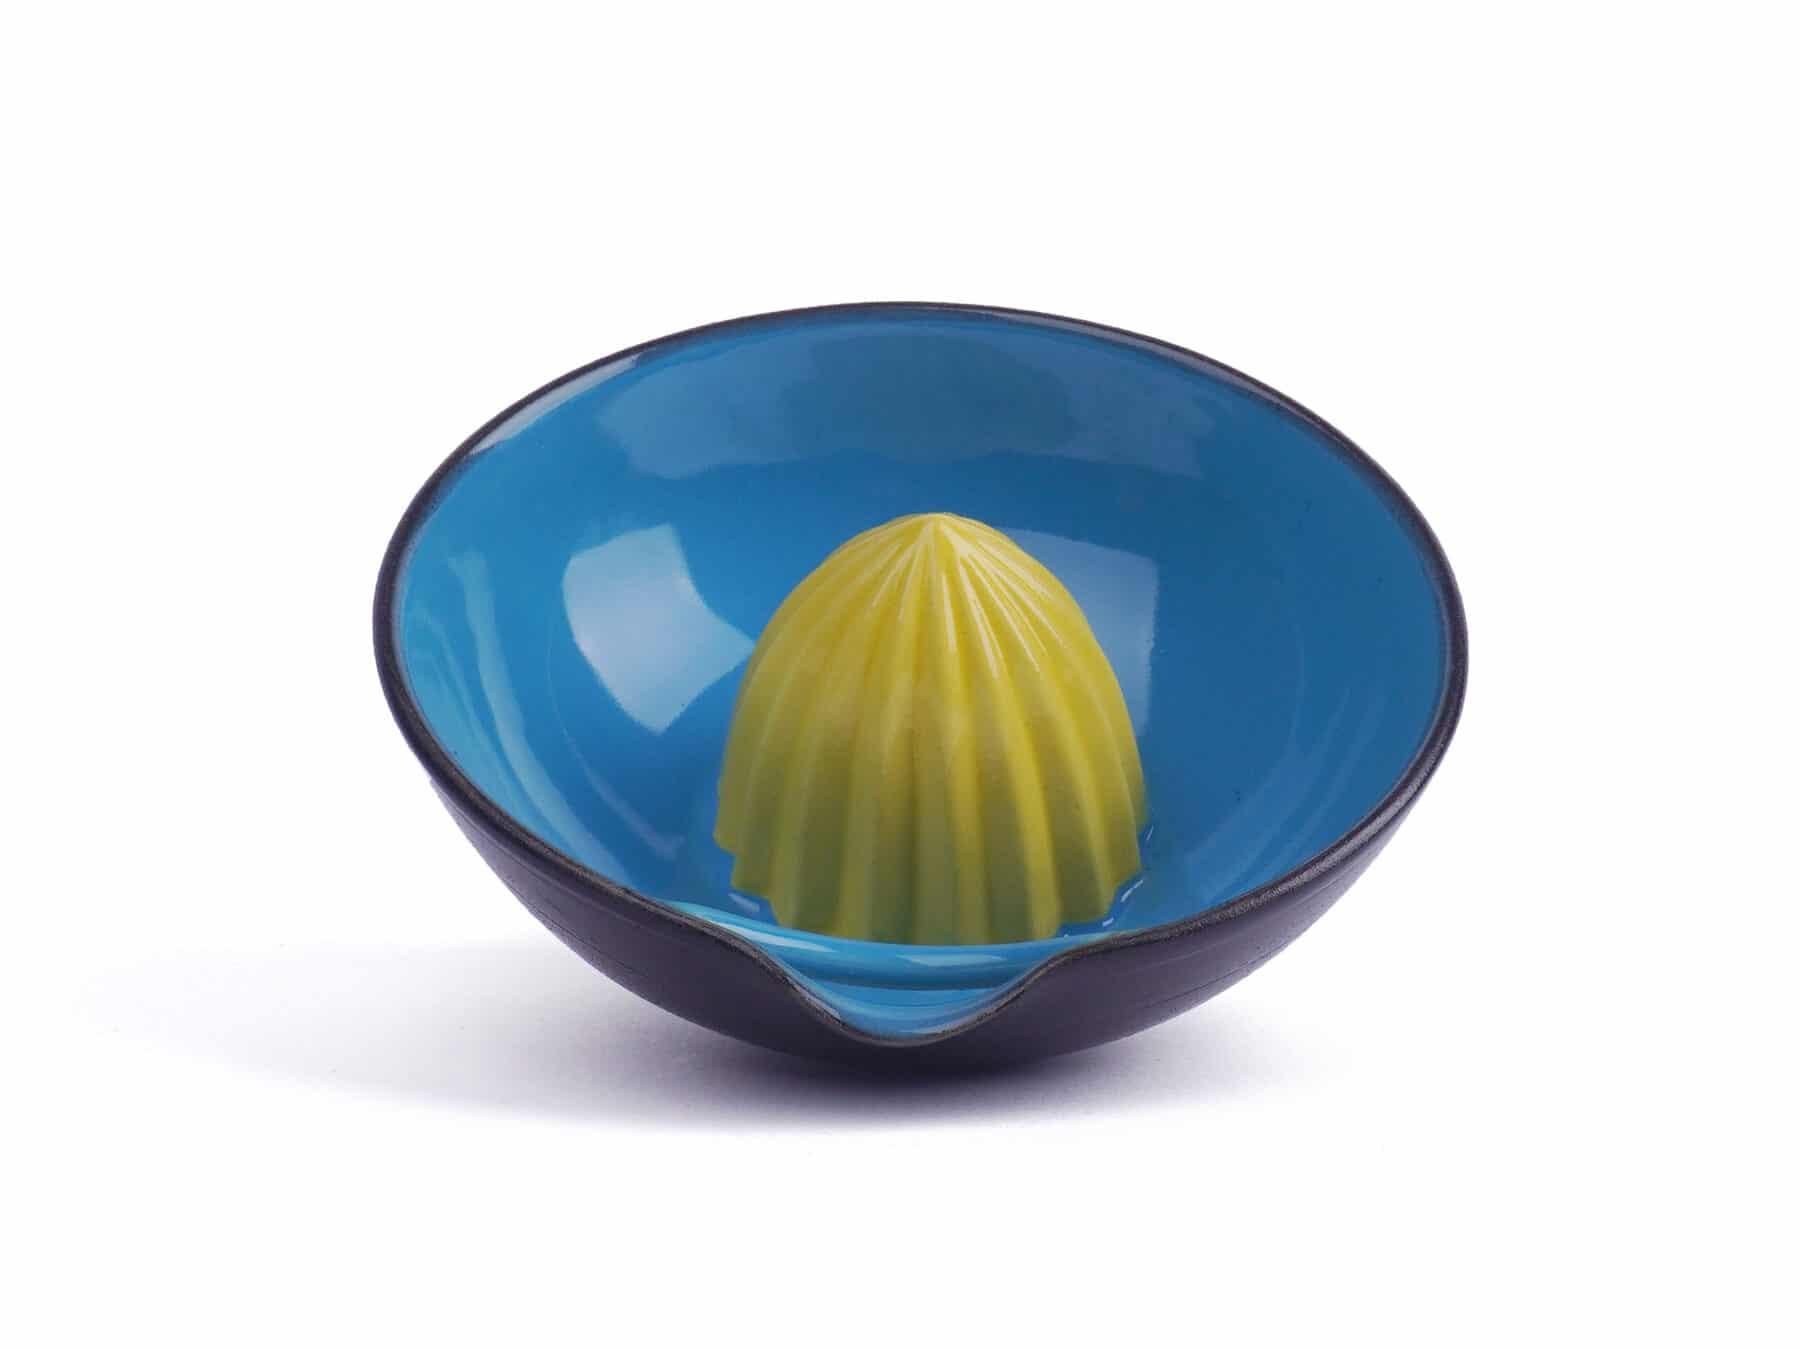 Zitronenpresse Keramik swiss made handmade kurts